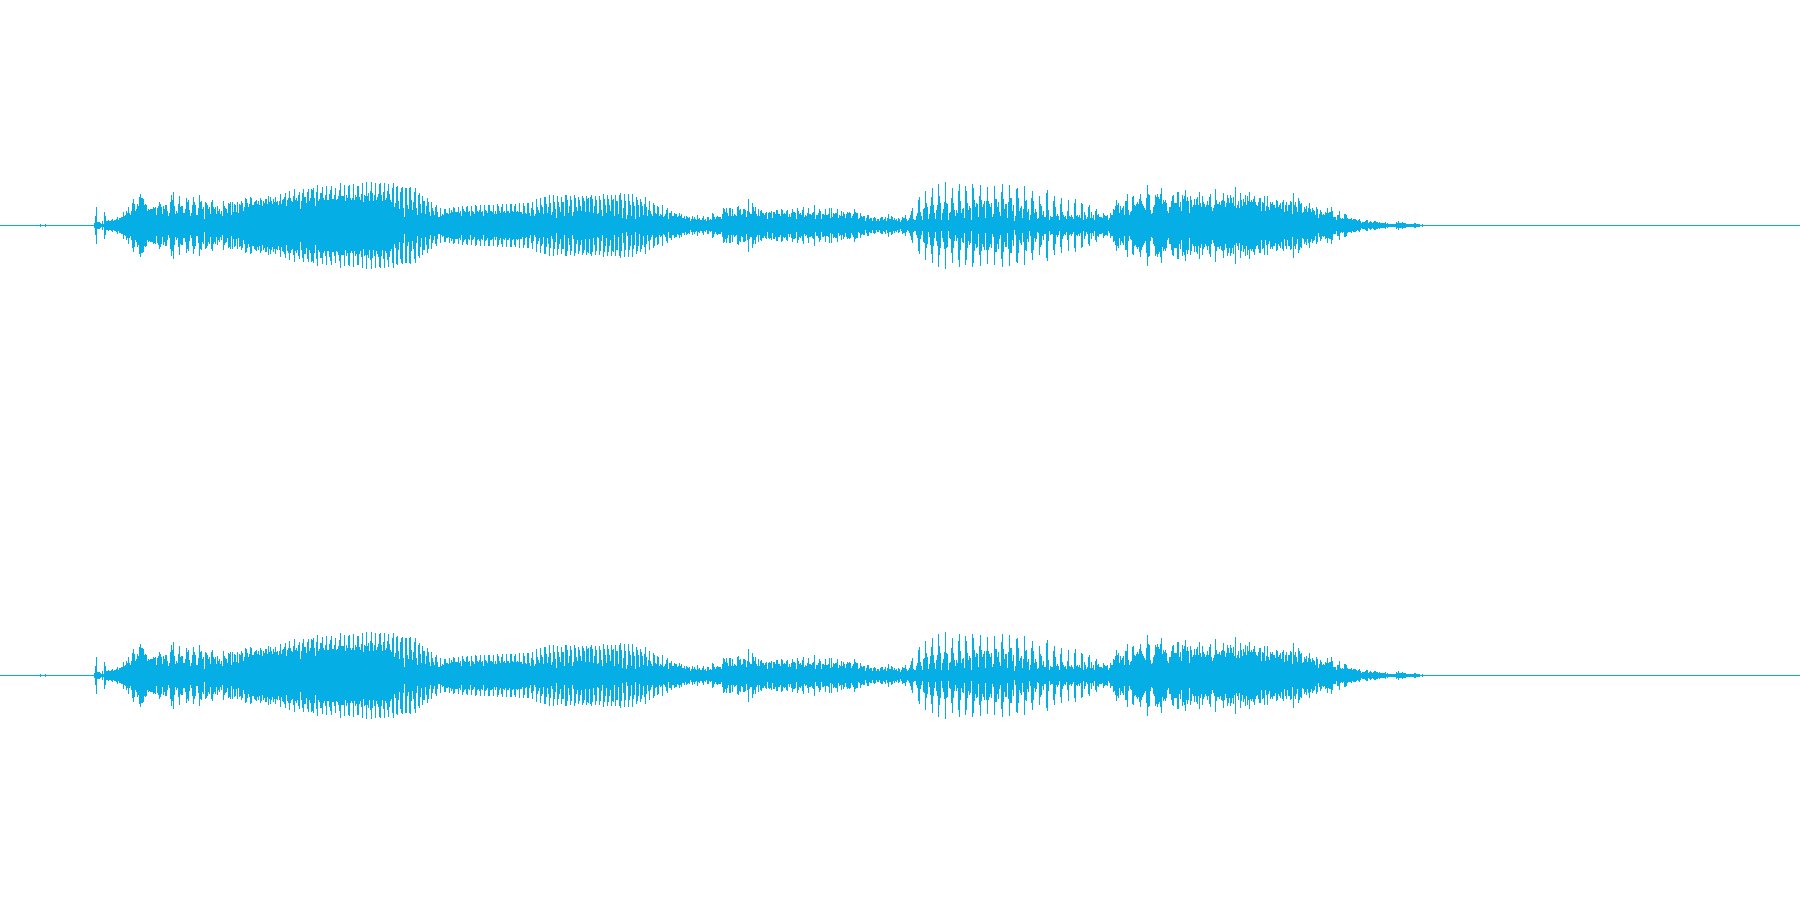 【時報・時間】12時ですの再生済みの波形